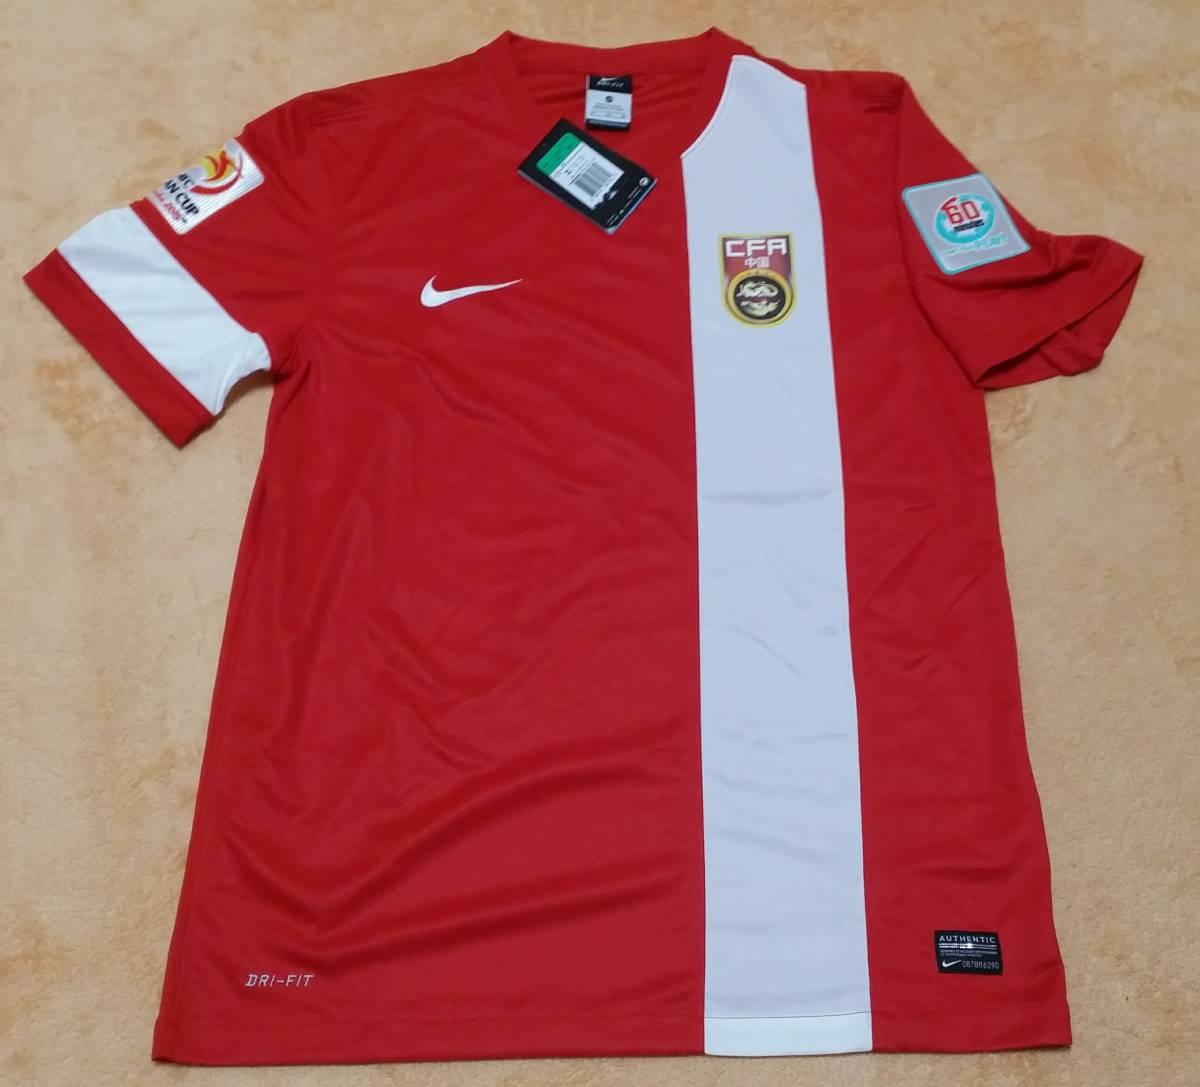 【選手用】2015 ACL アジアカップ 中国代表 3rd NIKE製